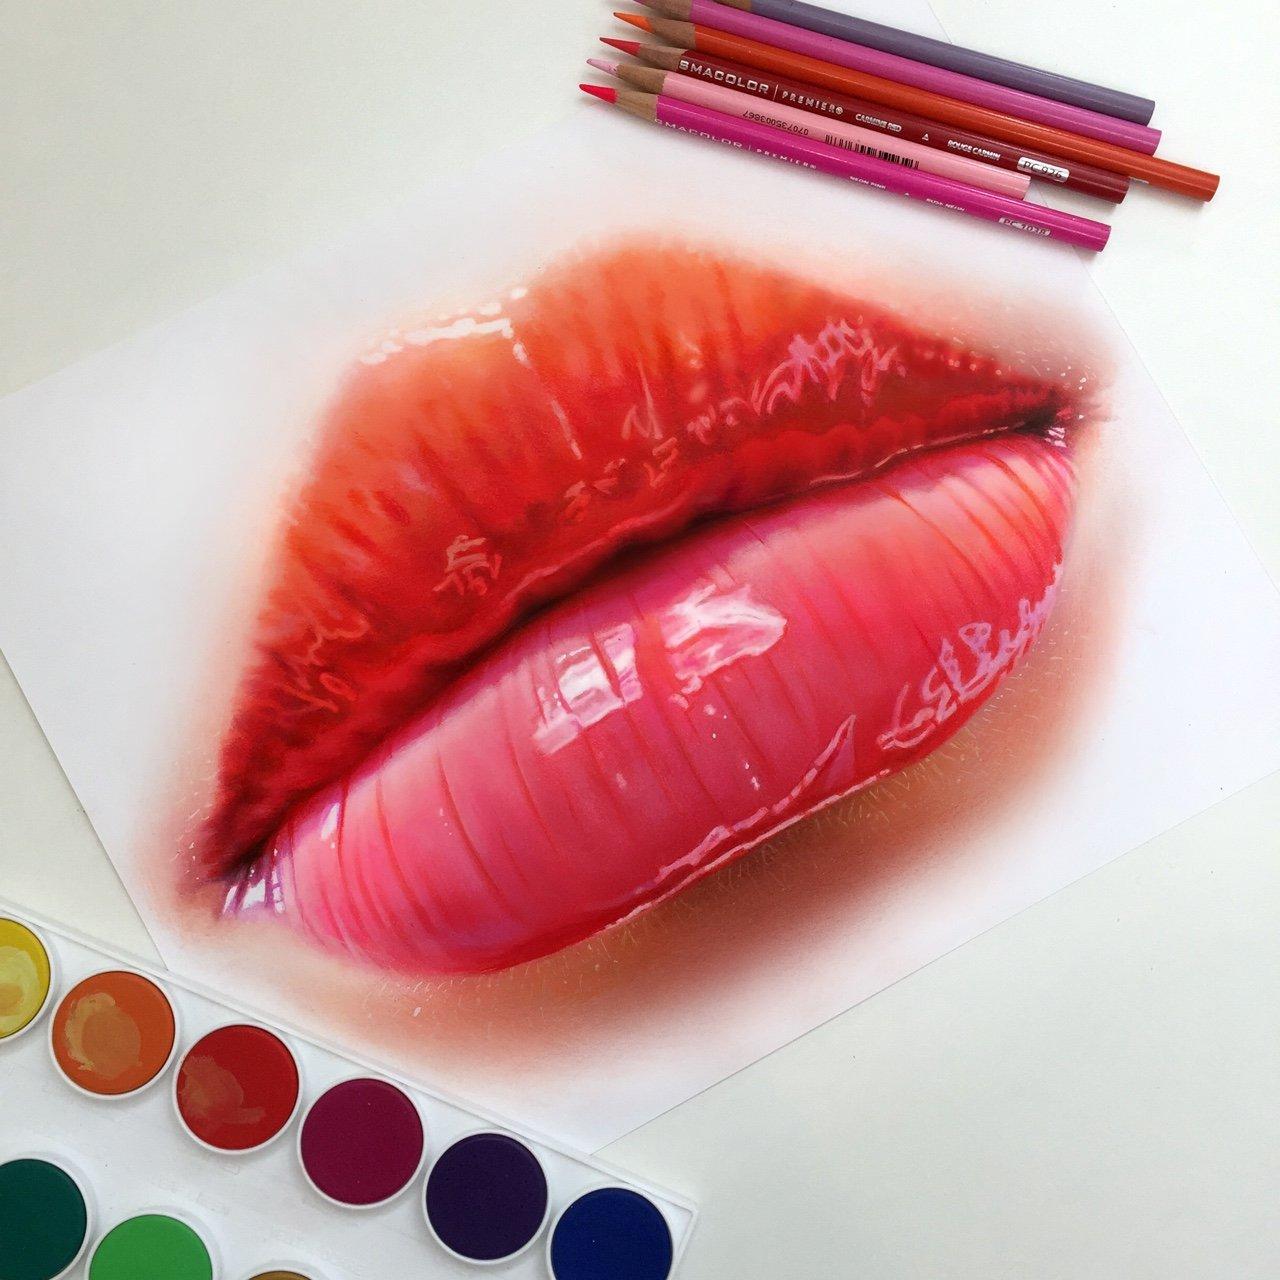 Ilustracoes realistas feitas apenas com lapis de cor (18)